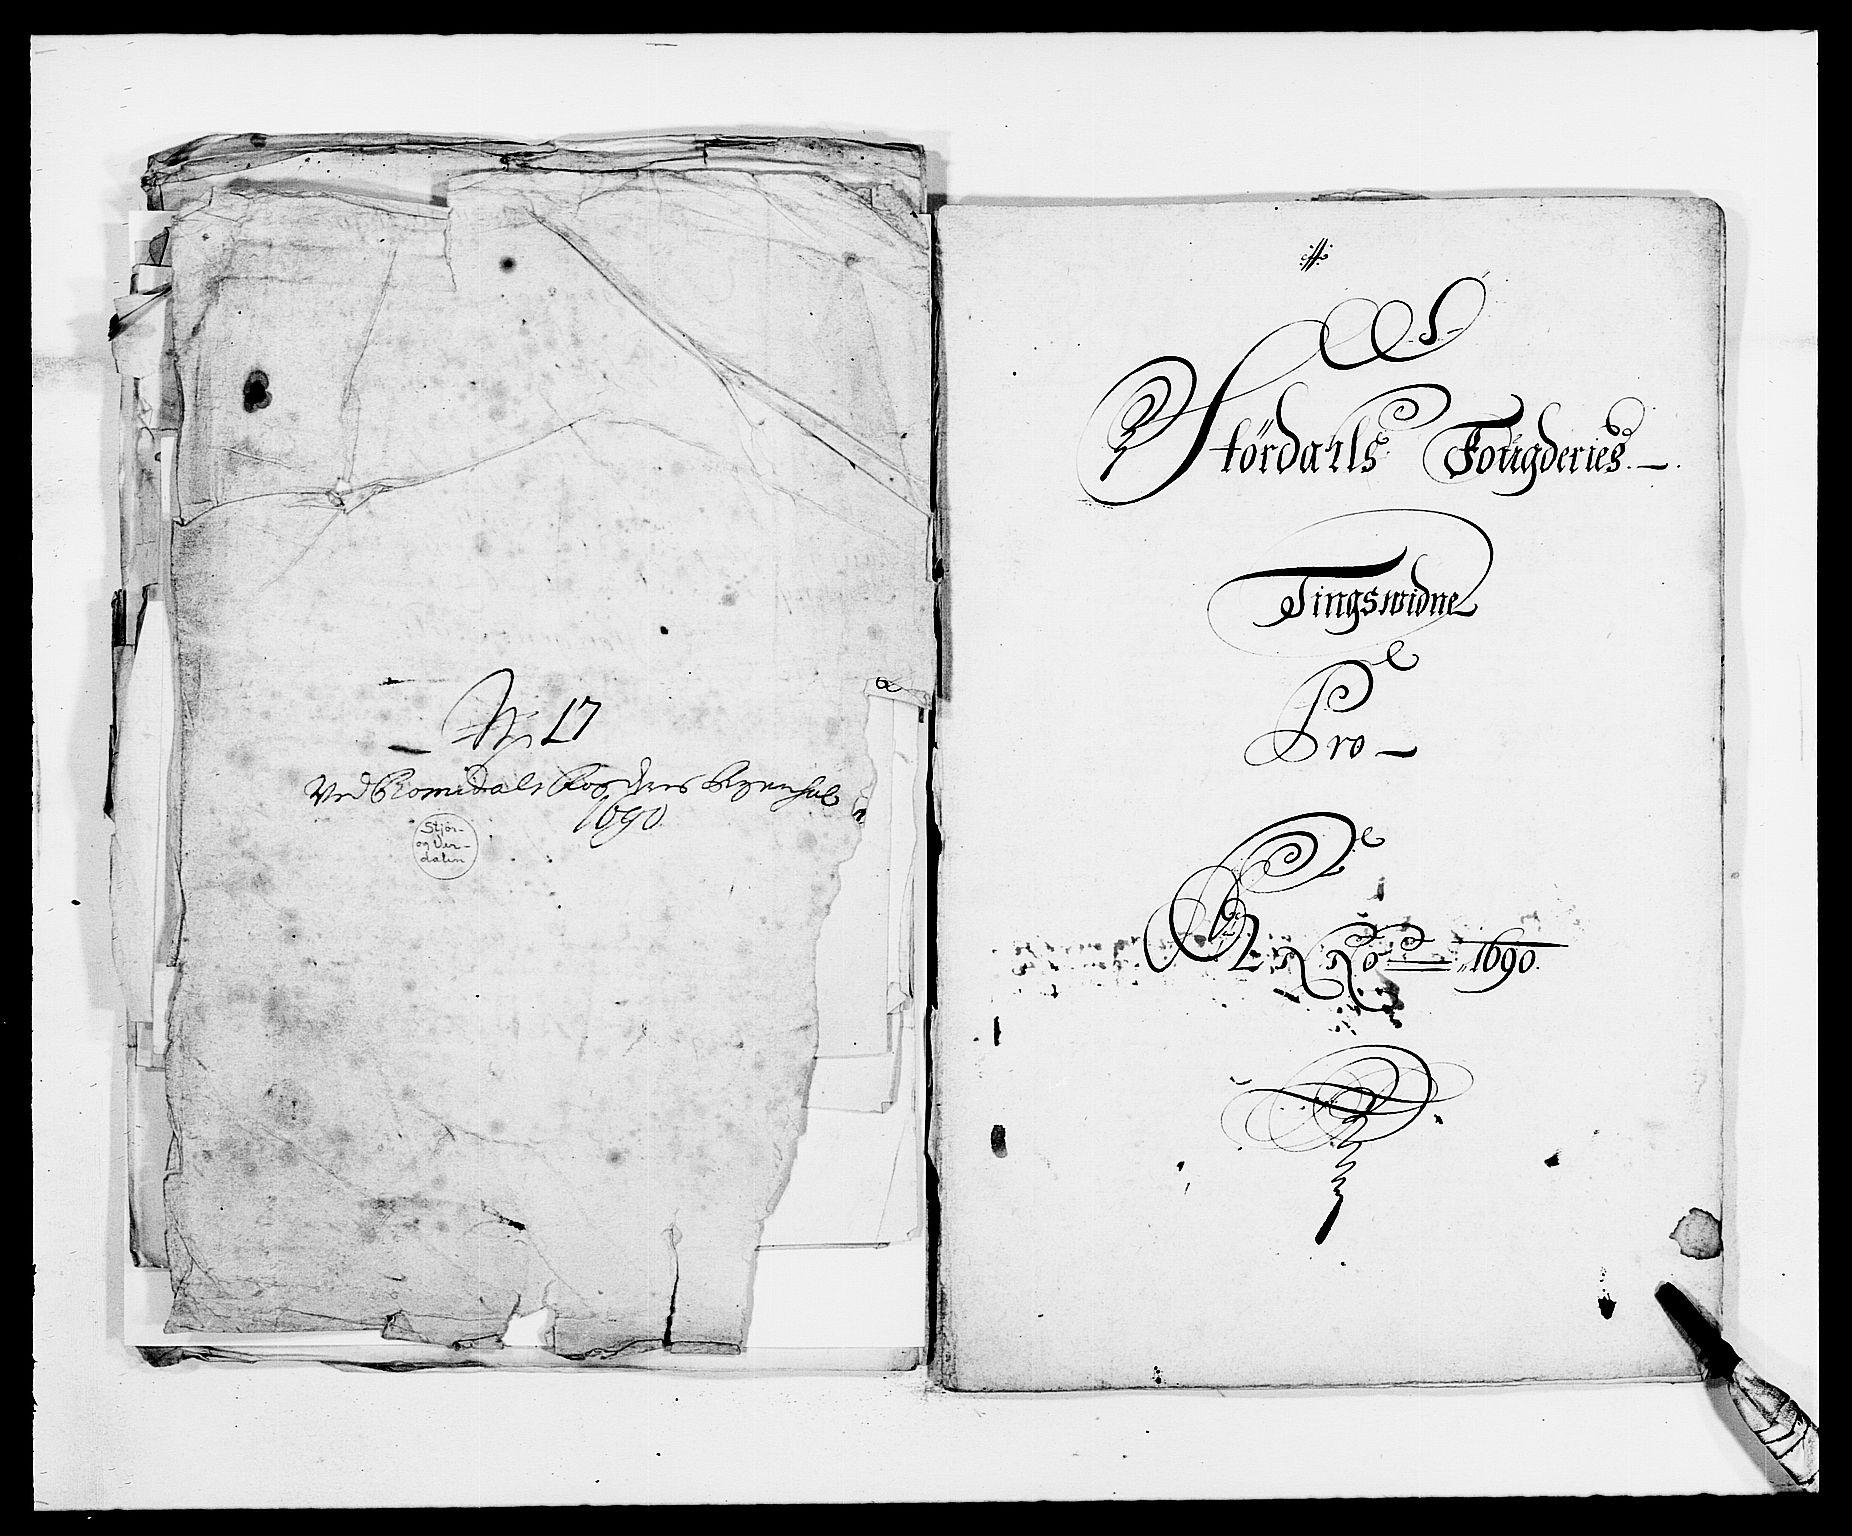 RA, Rentekammeret inntil 1814, Reviderte regnskaper, Fogderegnskap, R62/L4184: Fogderegnskap Stjørdal og Verdal, 1690-1691, s. 208